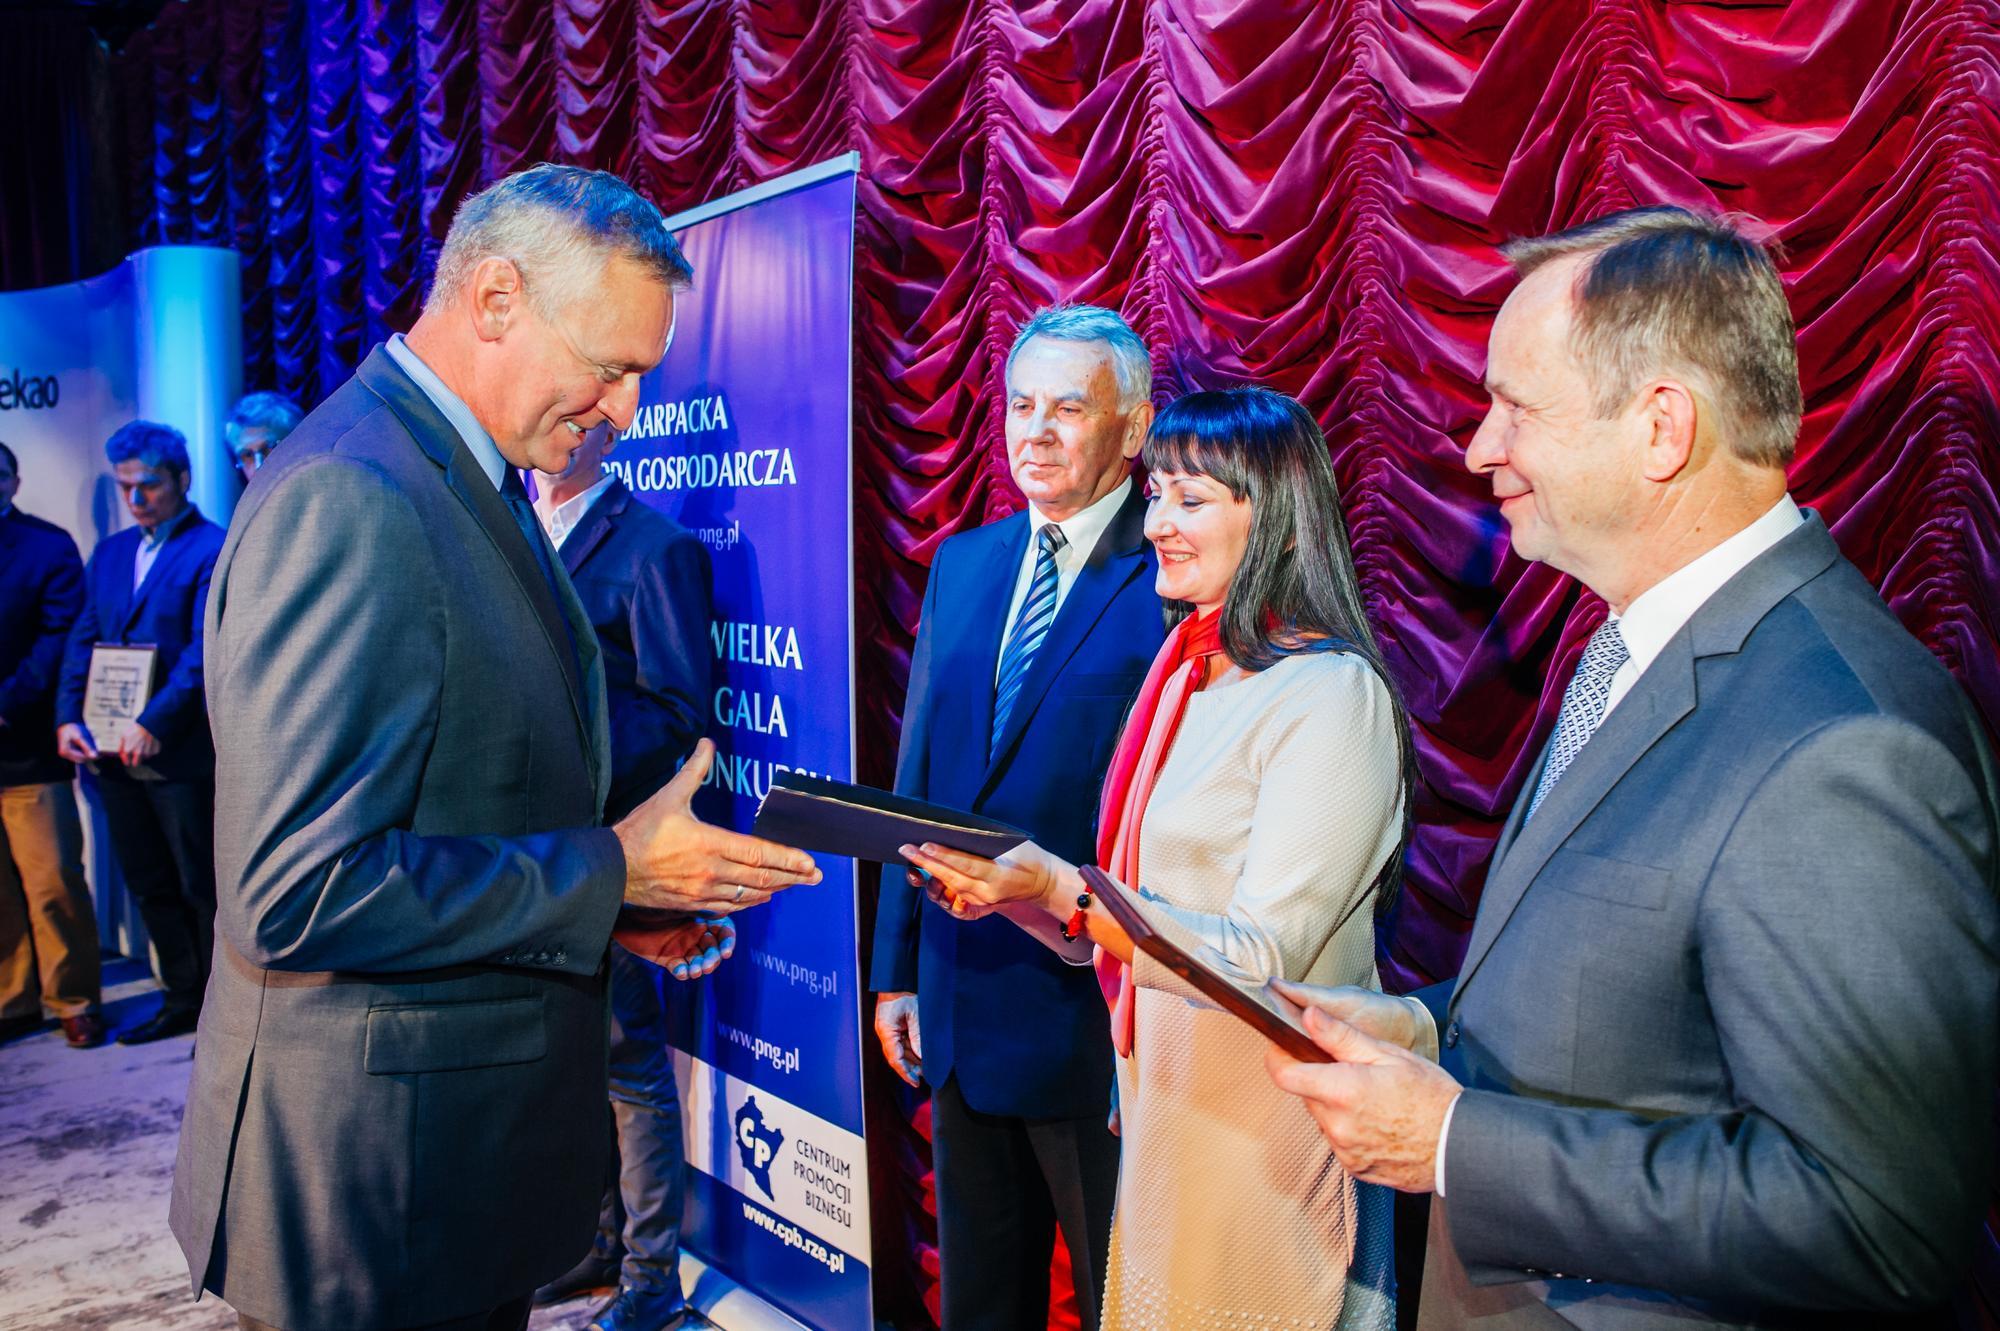 Nagroda medyczna dla Visum Clinic w Rzeszowie za zabieg laserowej korekcji wzroku